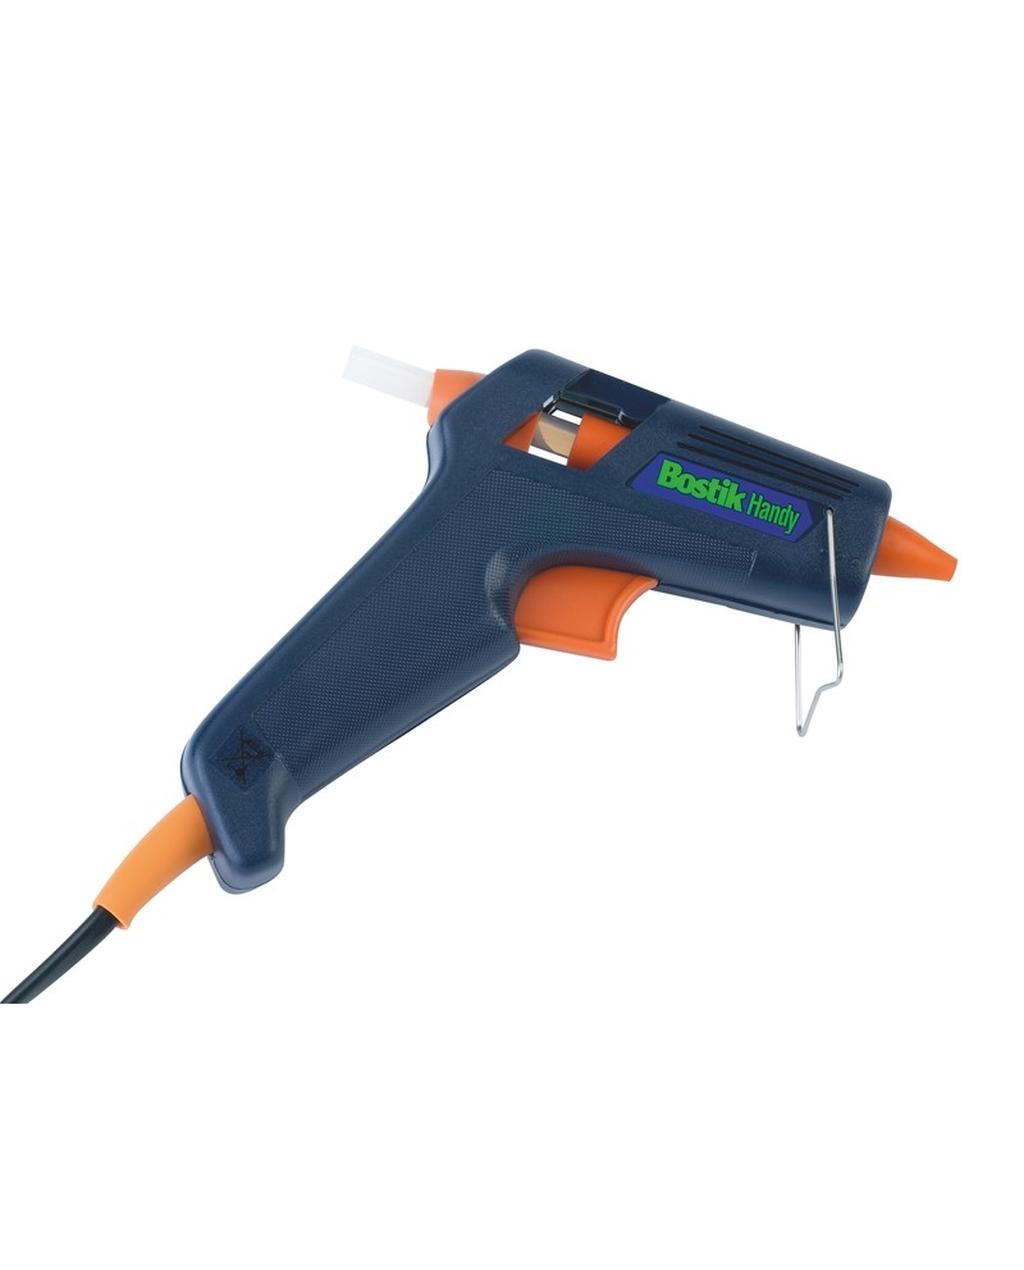 Bostik Craft Hot Melt Glue Gun